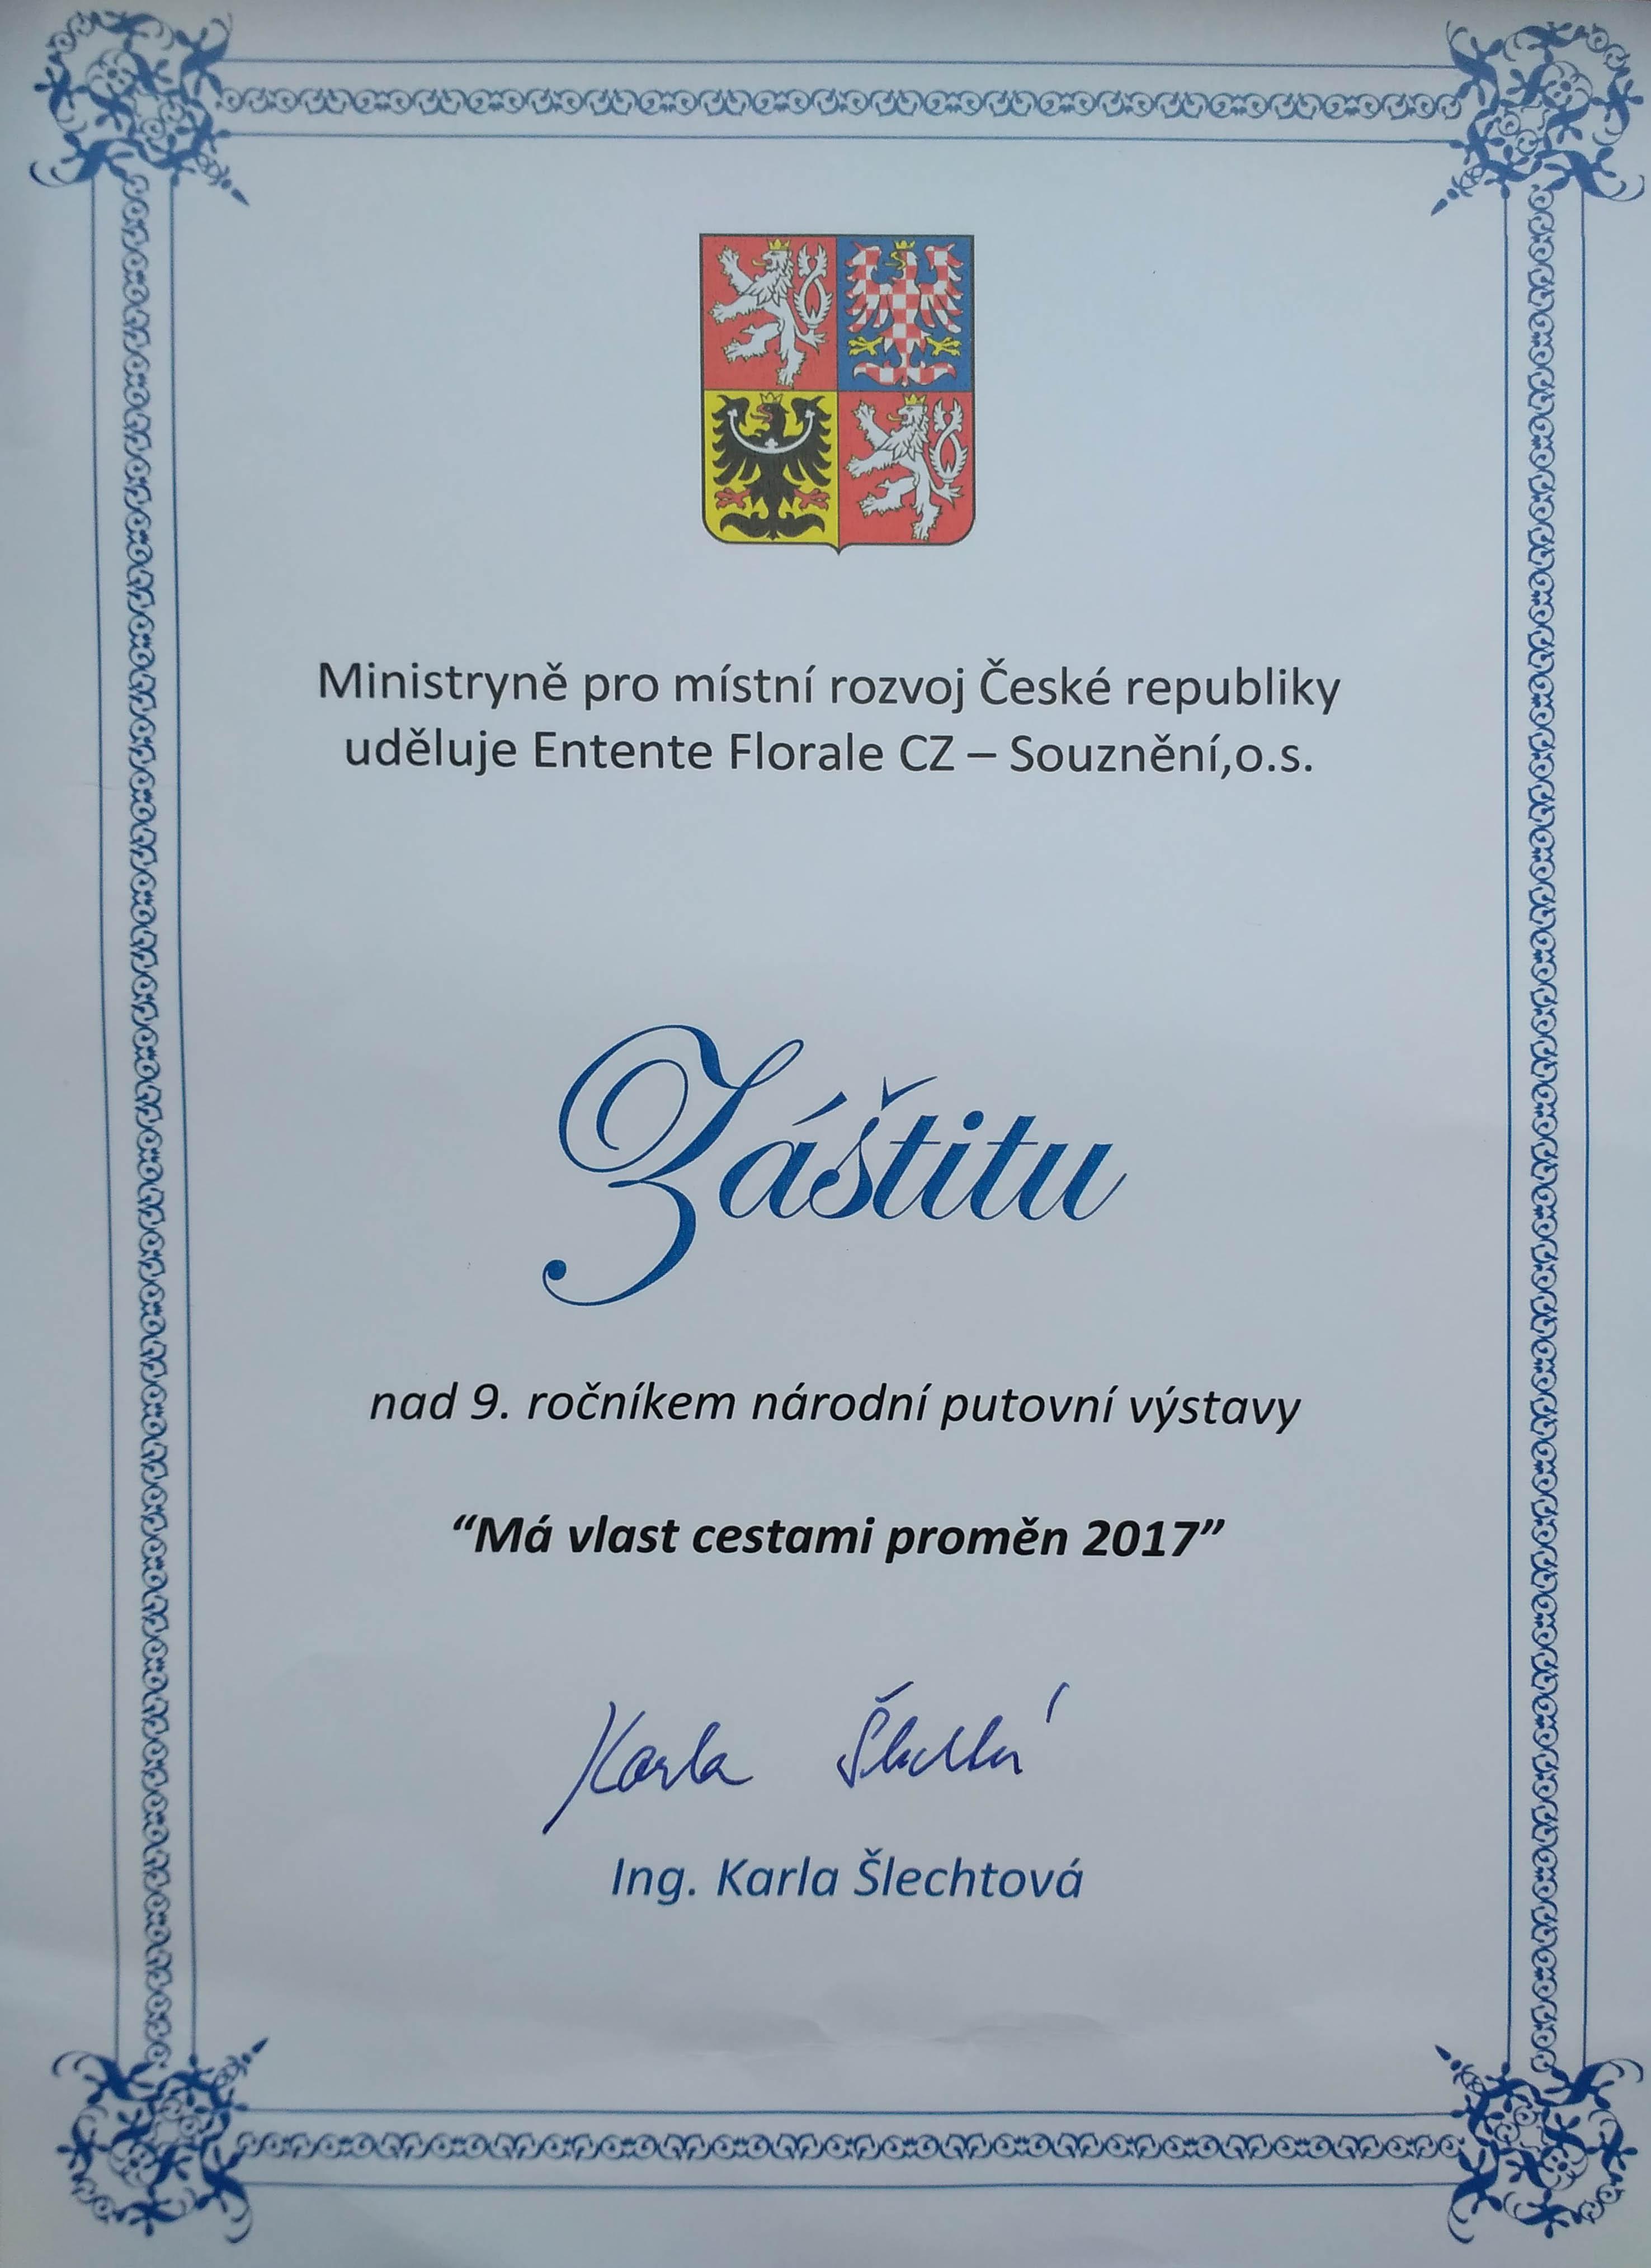 w 2017 MMR Záštita Má vlast